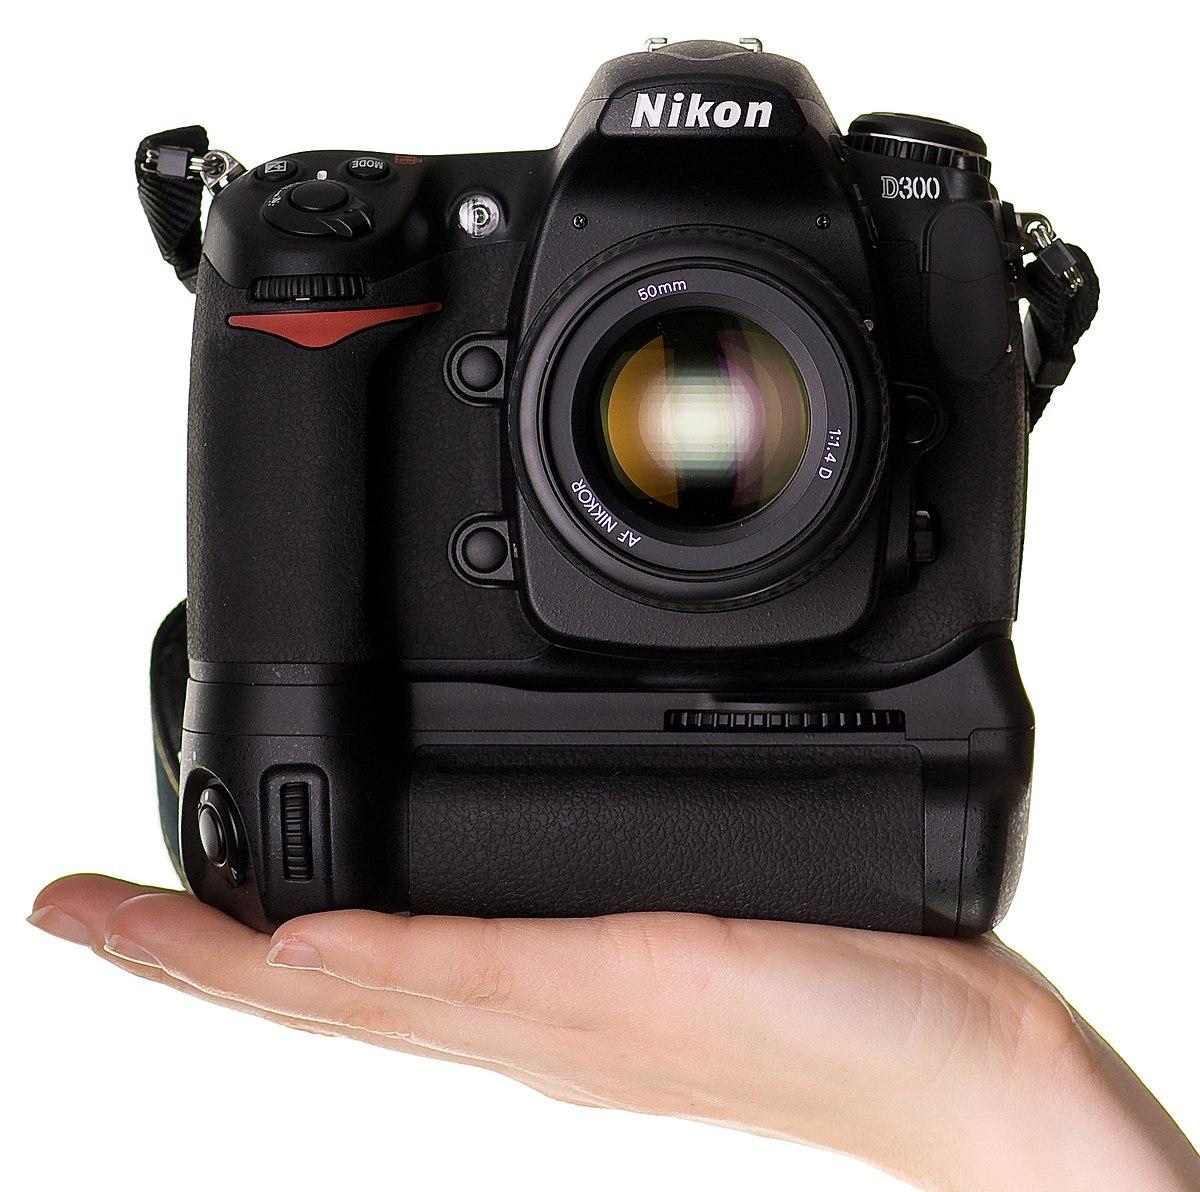 Nikon D300 - Wikipedia, la enciclopedia libre